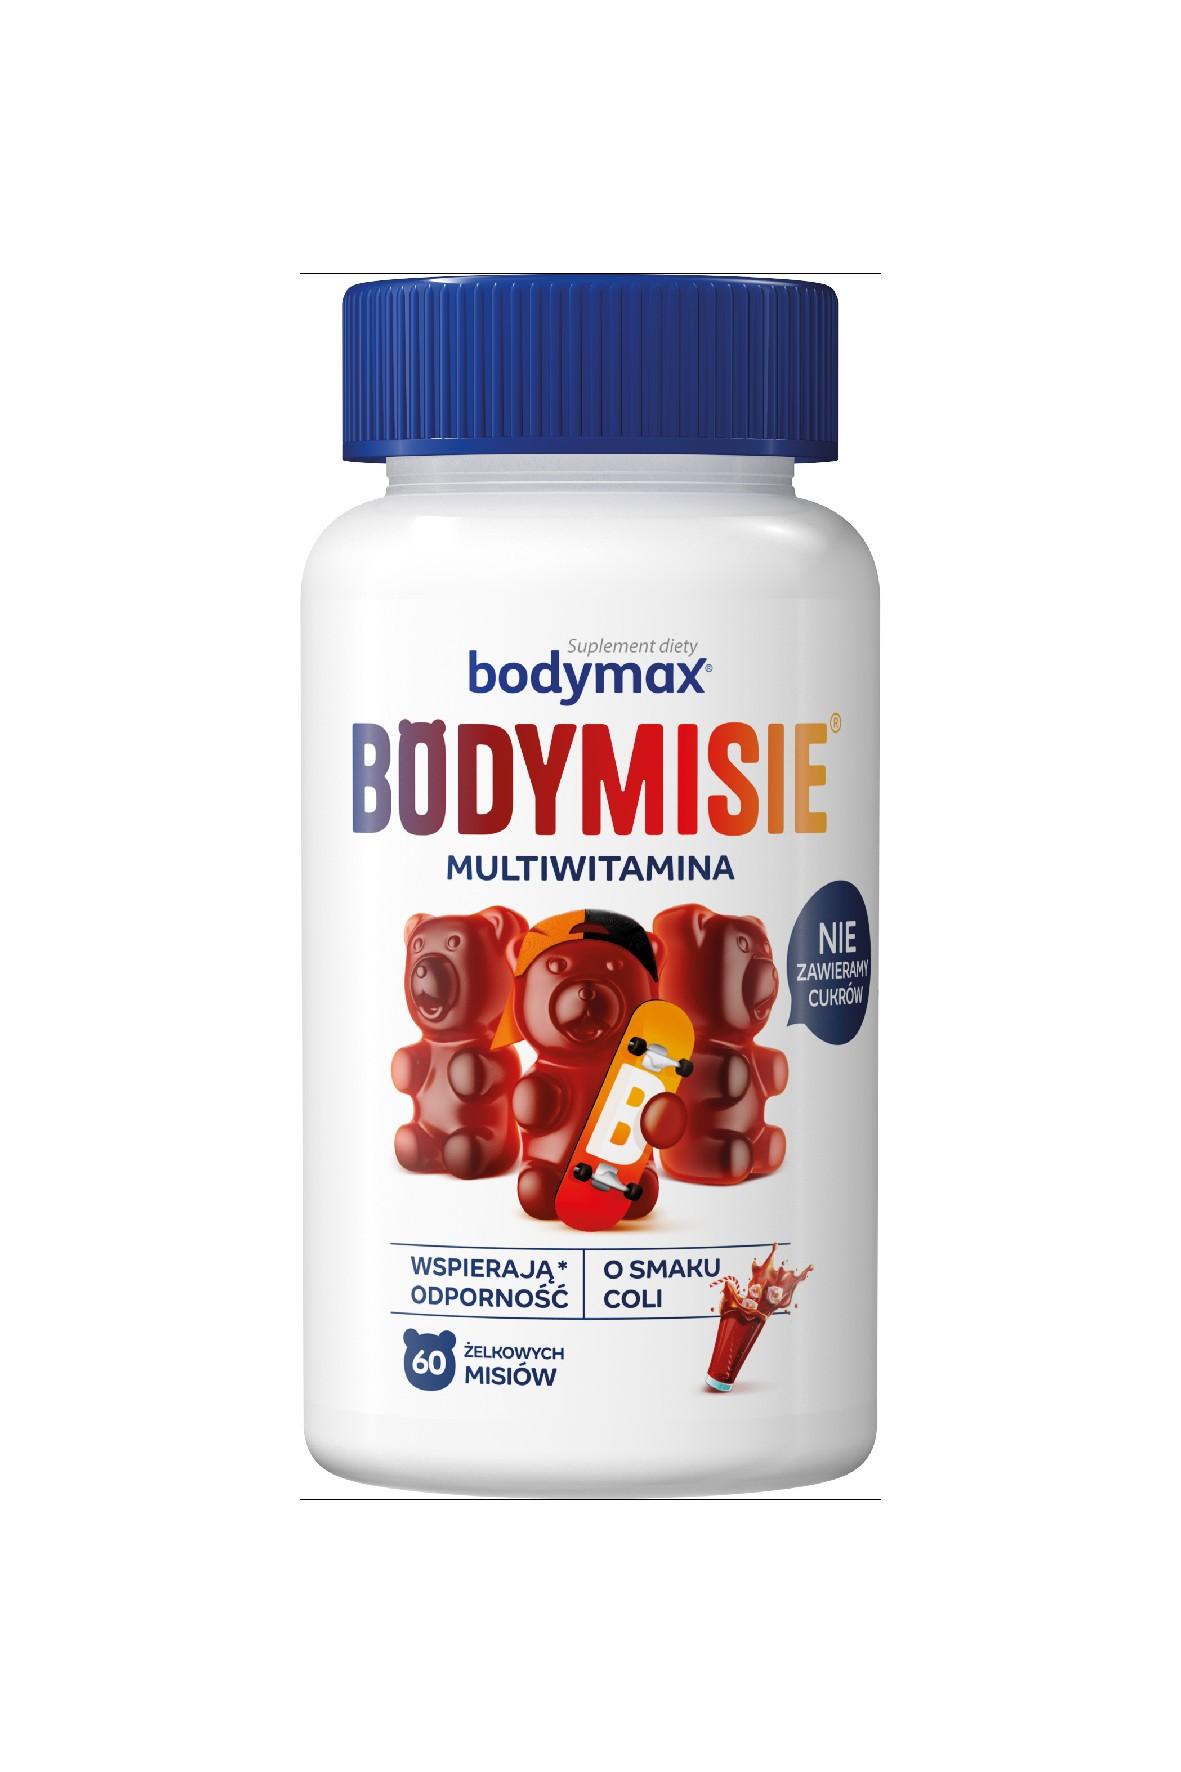 Bodymax BODYMISIE Multiwitamina o smaku coli 60 sztuk